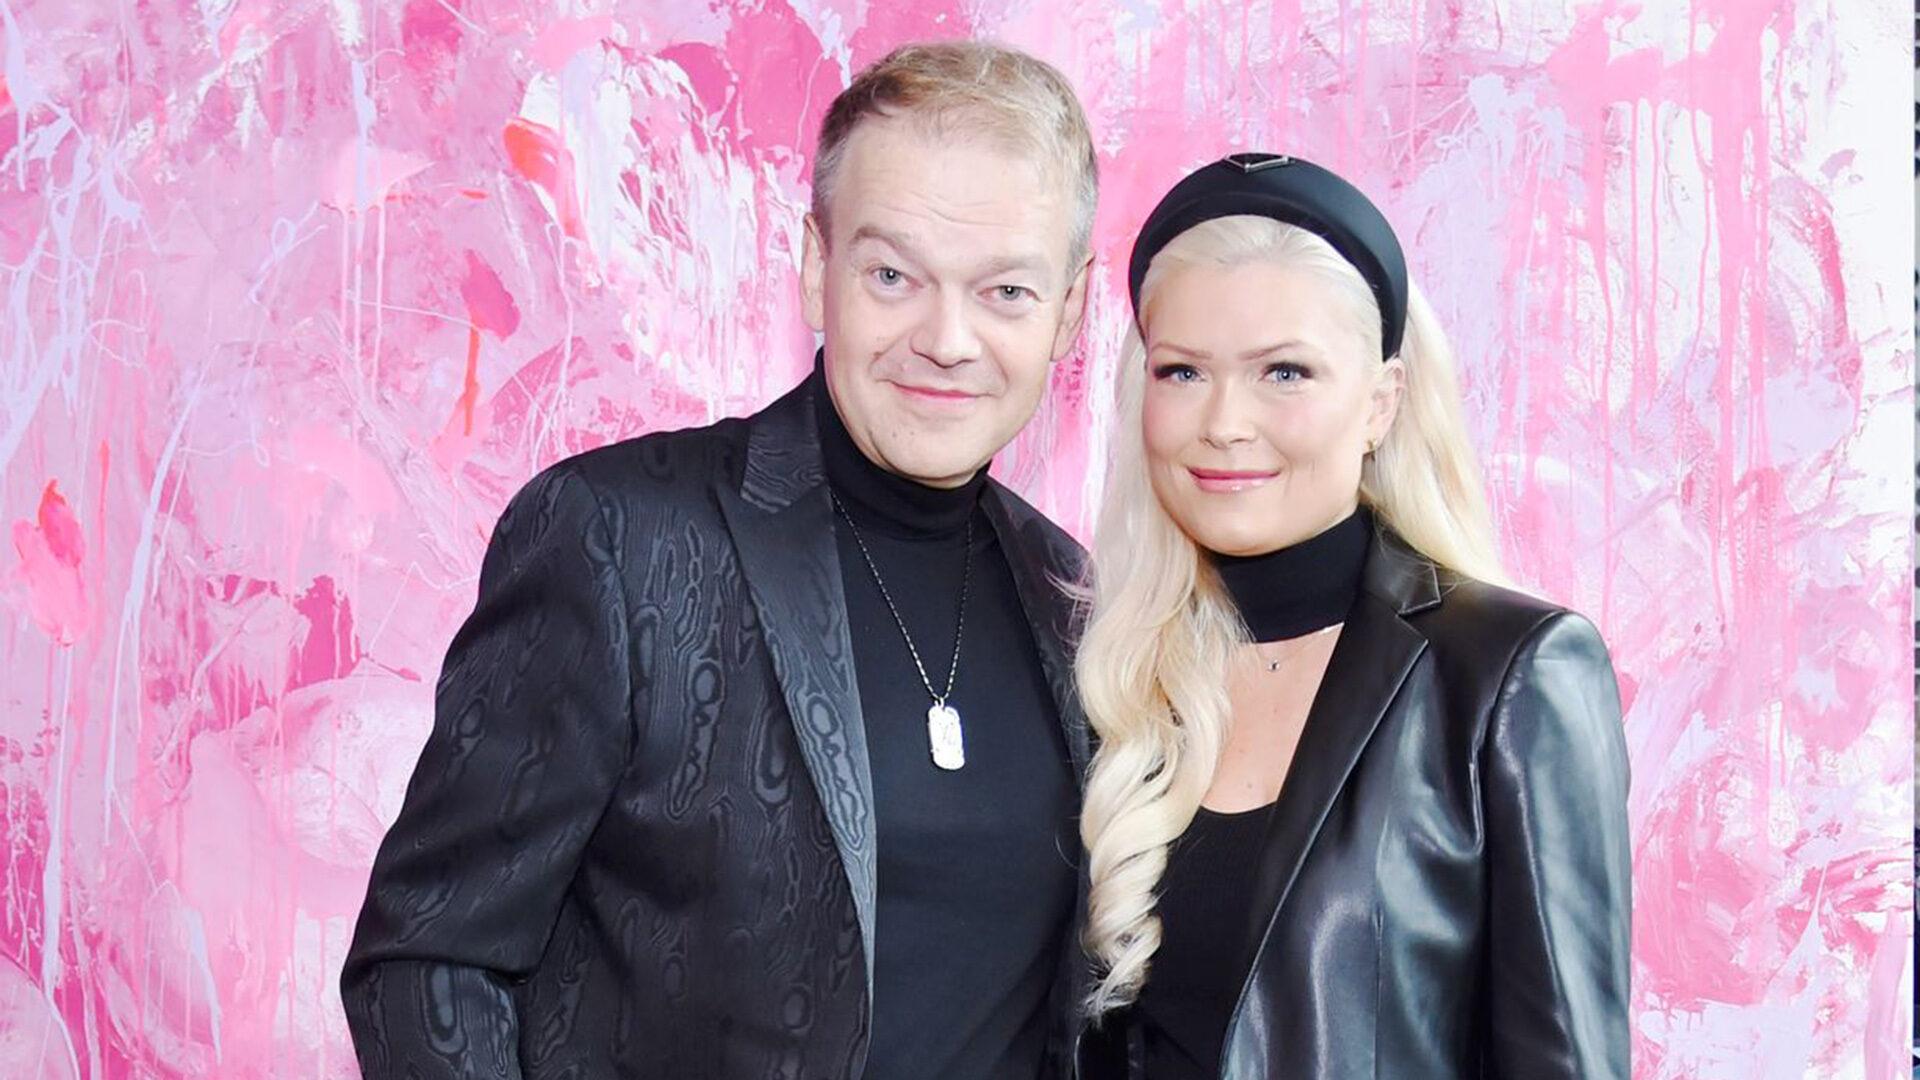 Kurre Westerlund ja Jenna Välikangas